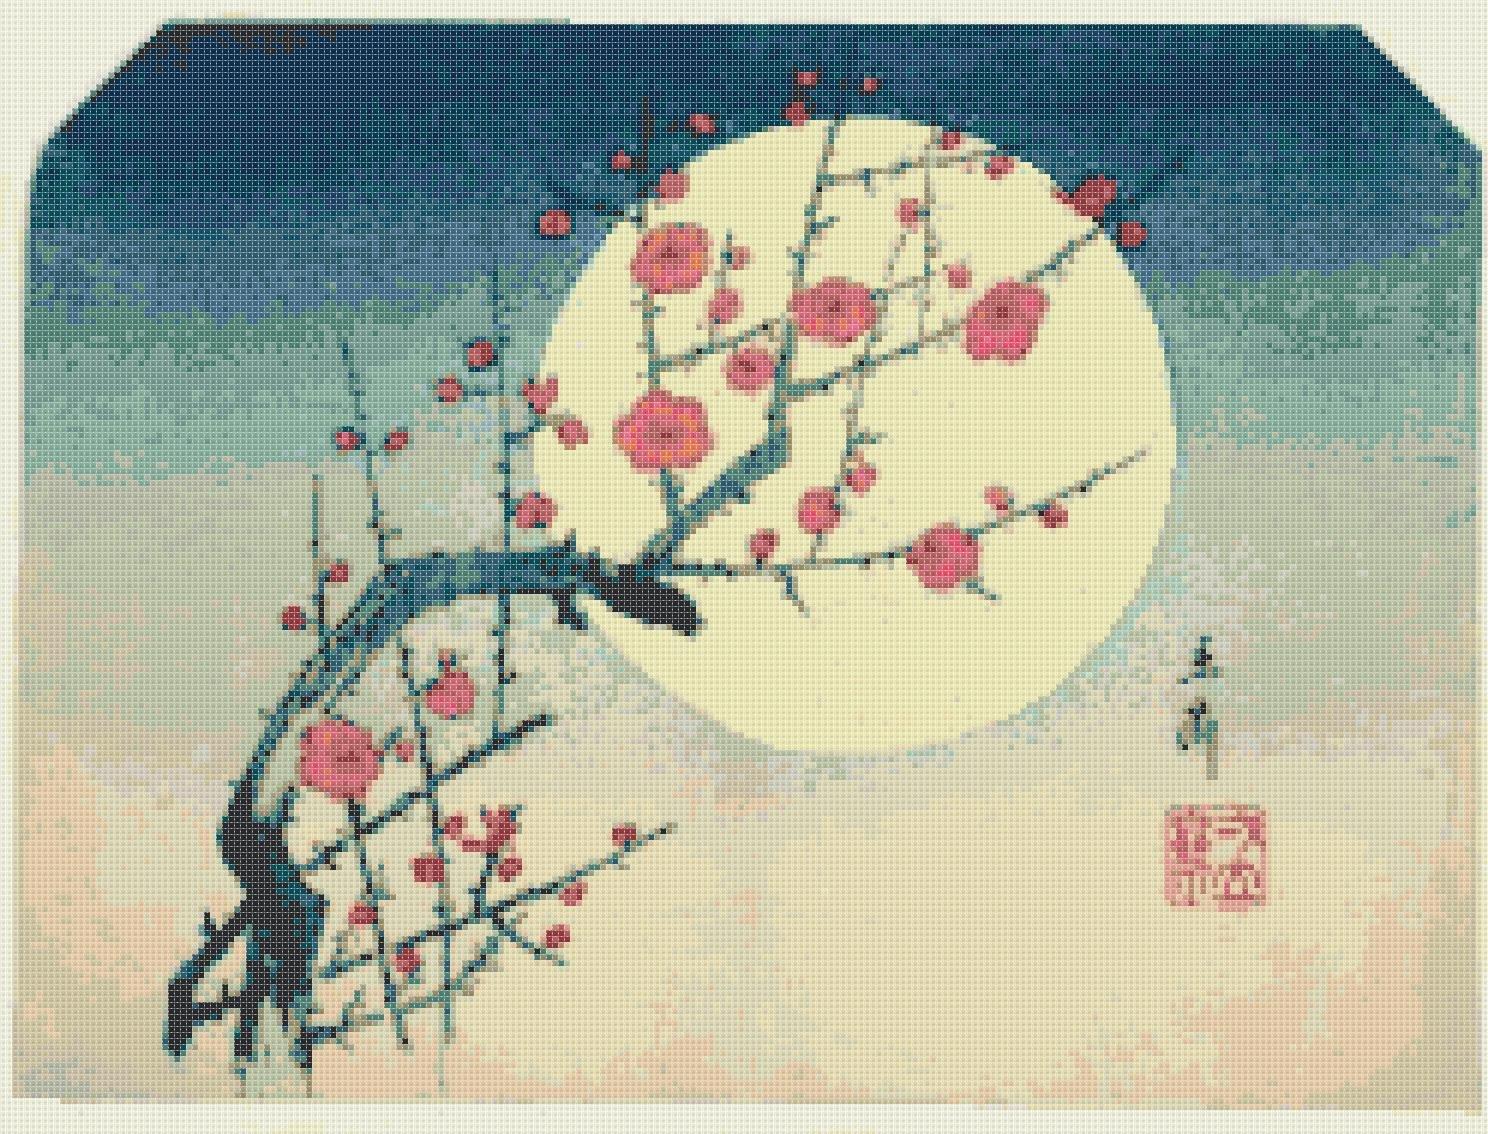 Counted Cross Stitch Kanagawa Hokusai blossom with flower 248*189stitches E1531